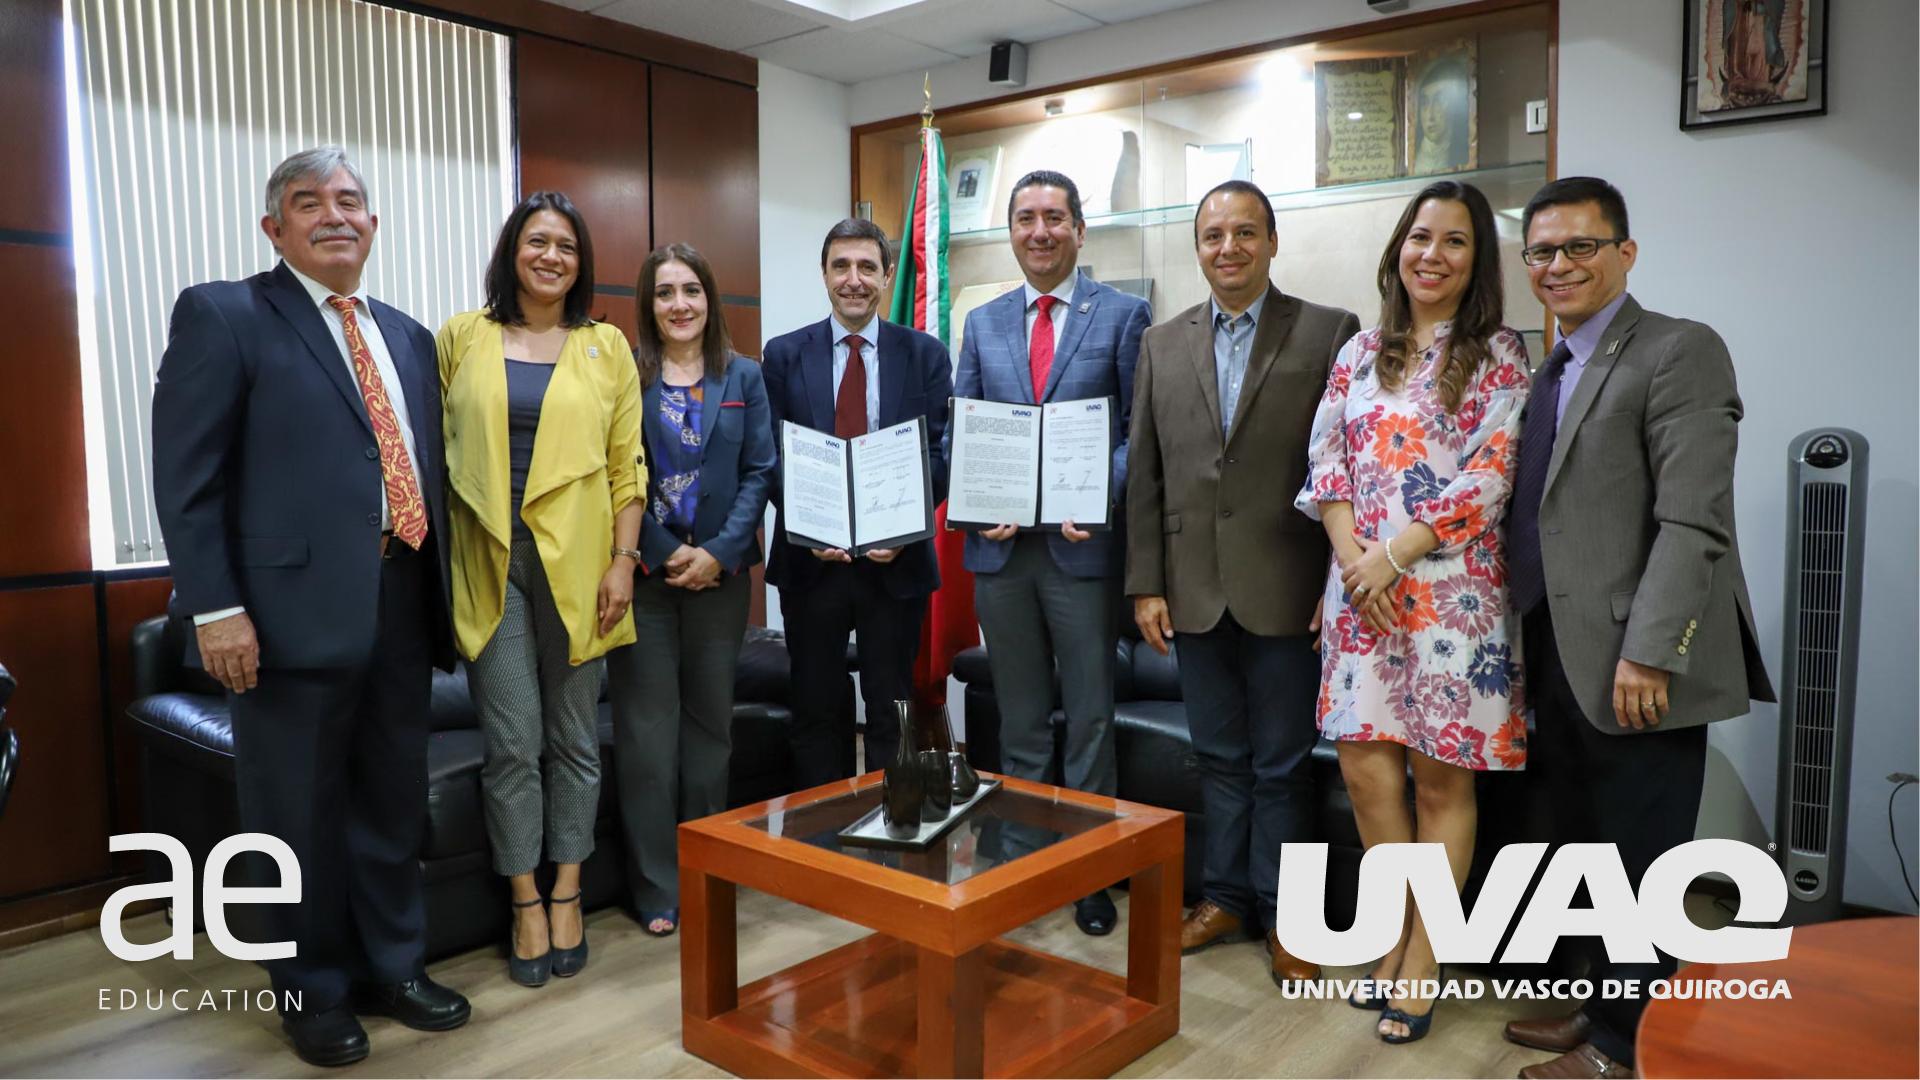 Fotografía que ilustra la noticia de salud de Alebat Education sobre Alebat Education y la UVAQ firman un acuerdo de colaboración que impulsará el desarrollo de especialidades médicas para los alumnos en España